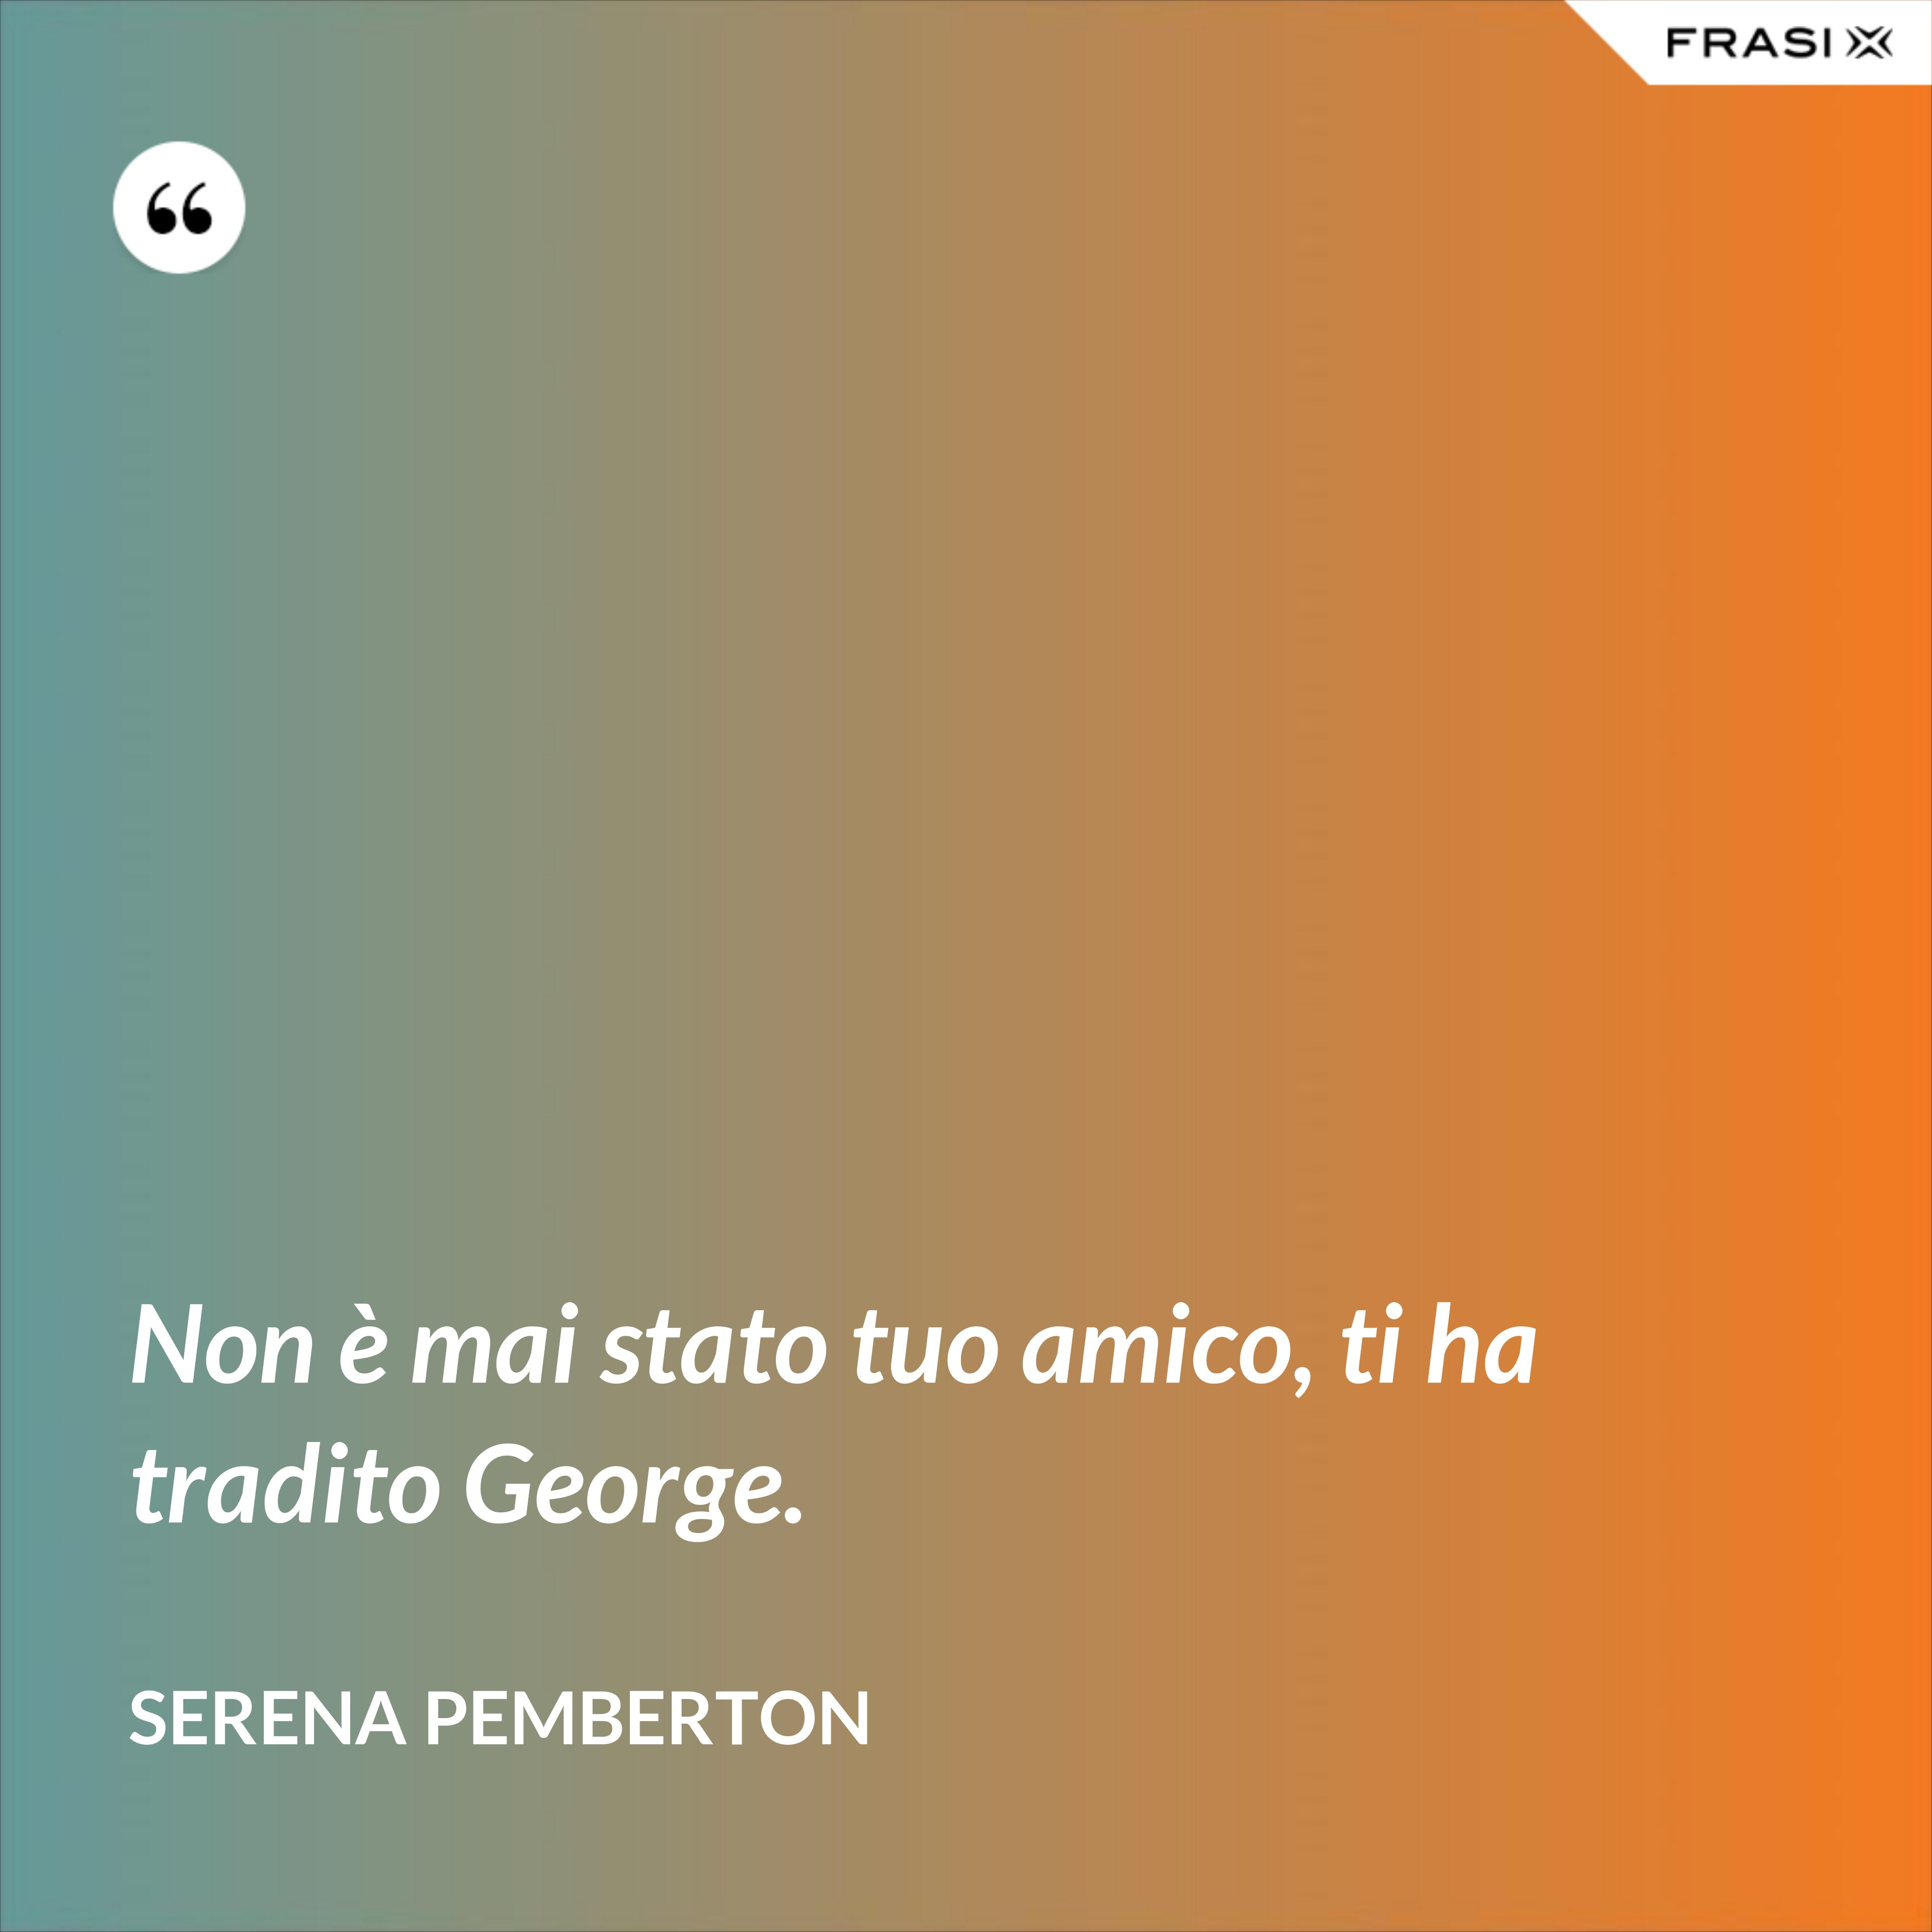 Non è mai stato tuo amico, ti ha tradito George. - Serena Pemberton